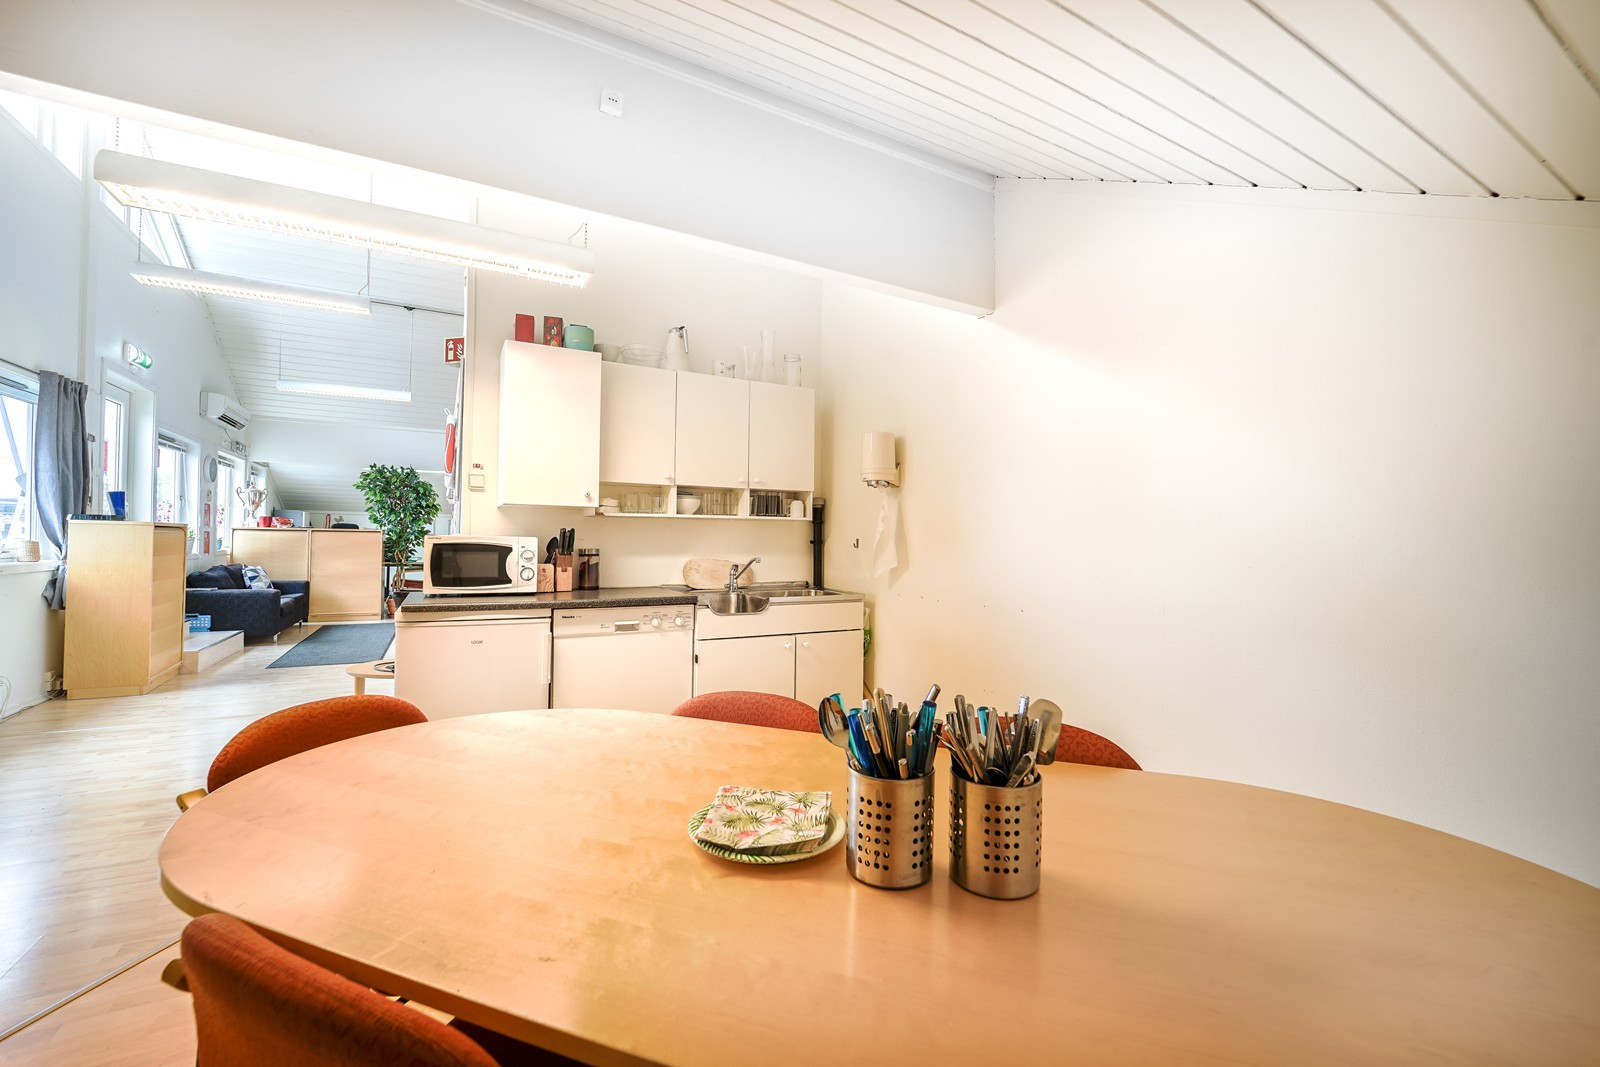 Kjøkken med oppvaskmaskin, kjøleskap og god skapplass